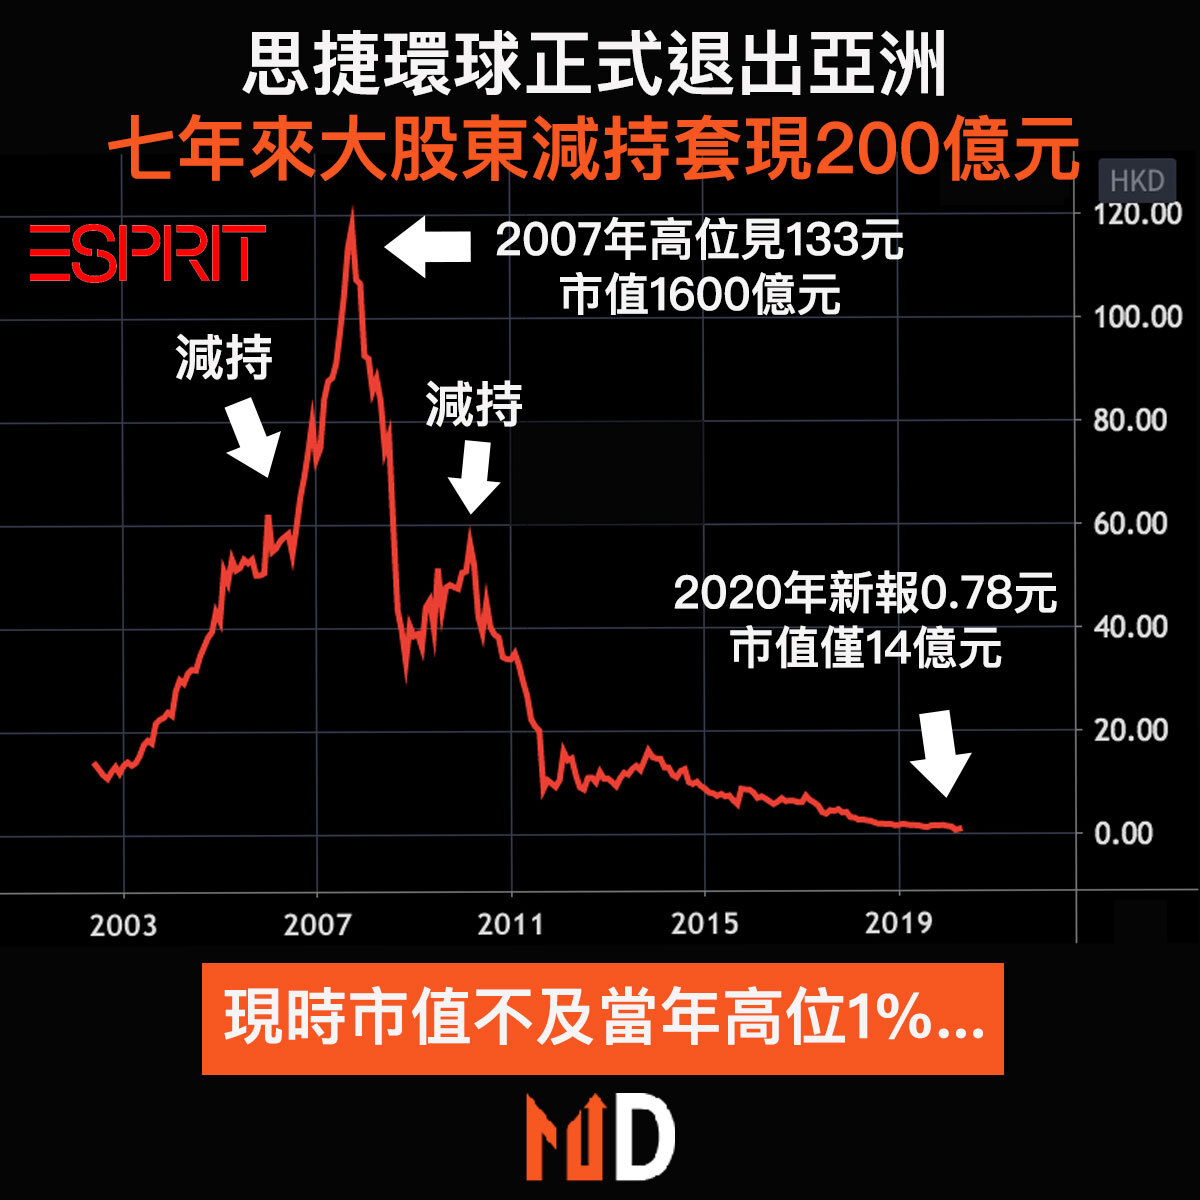 【#圖解股市】落難股王思捷宣布關亞洲56店,現今市值餘14億僅07年高位1%